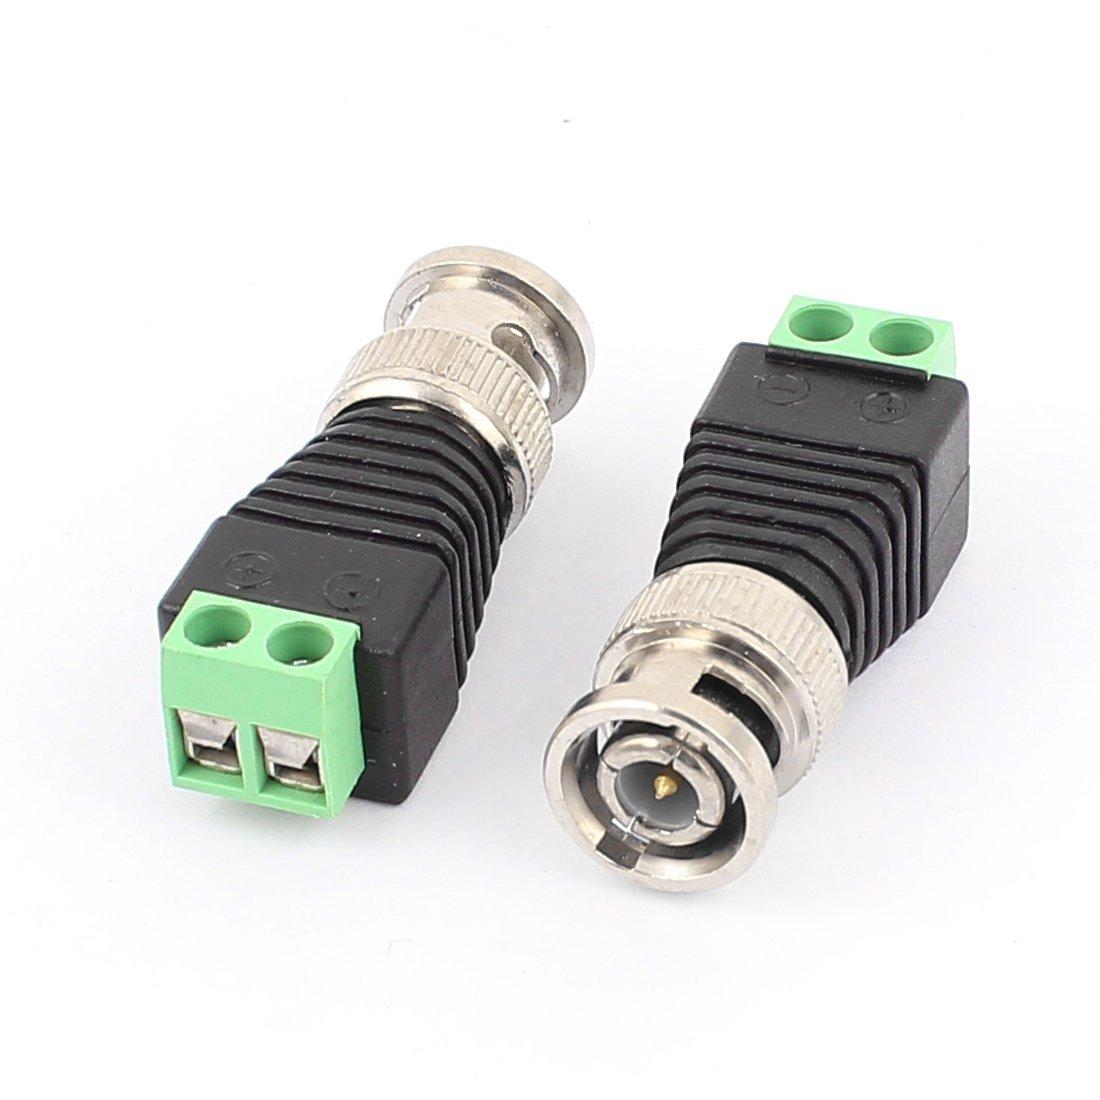 eDealMax 5 piezas de BNC al adaptador masculino de vídeo CCTV Balun coaxial conector de cámara de TV - - Amazon.com